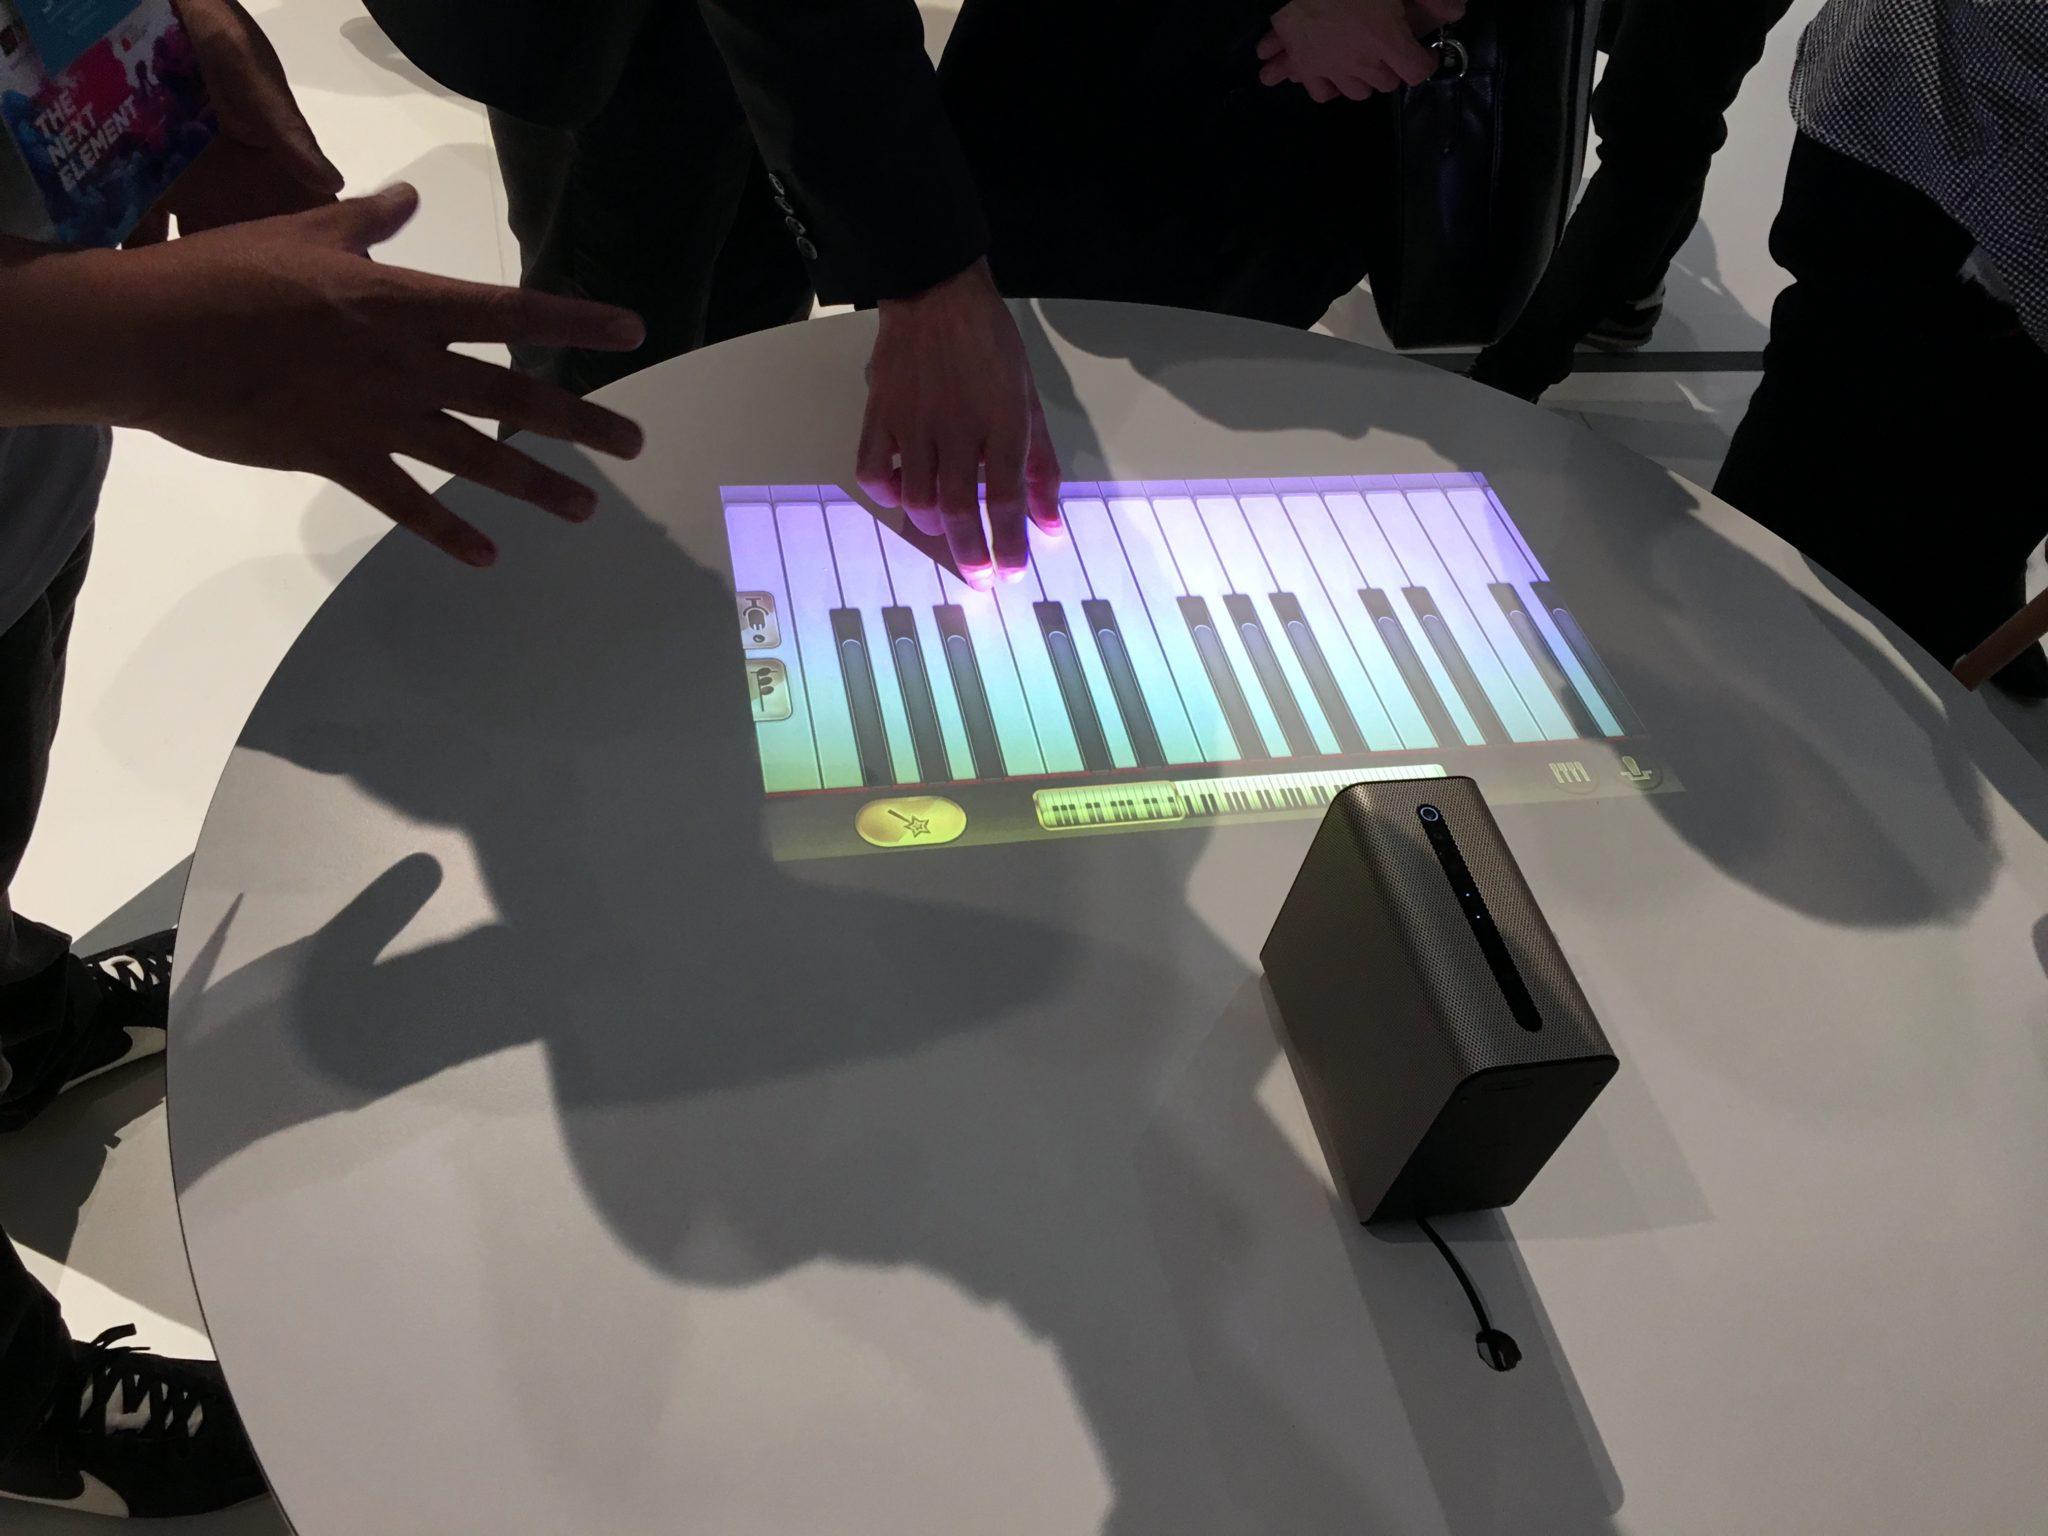 Wirtualne klawisze do grania wyświetlone a stole